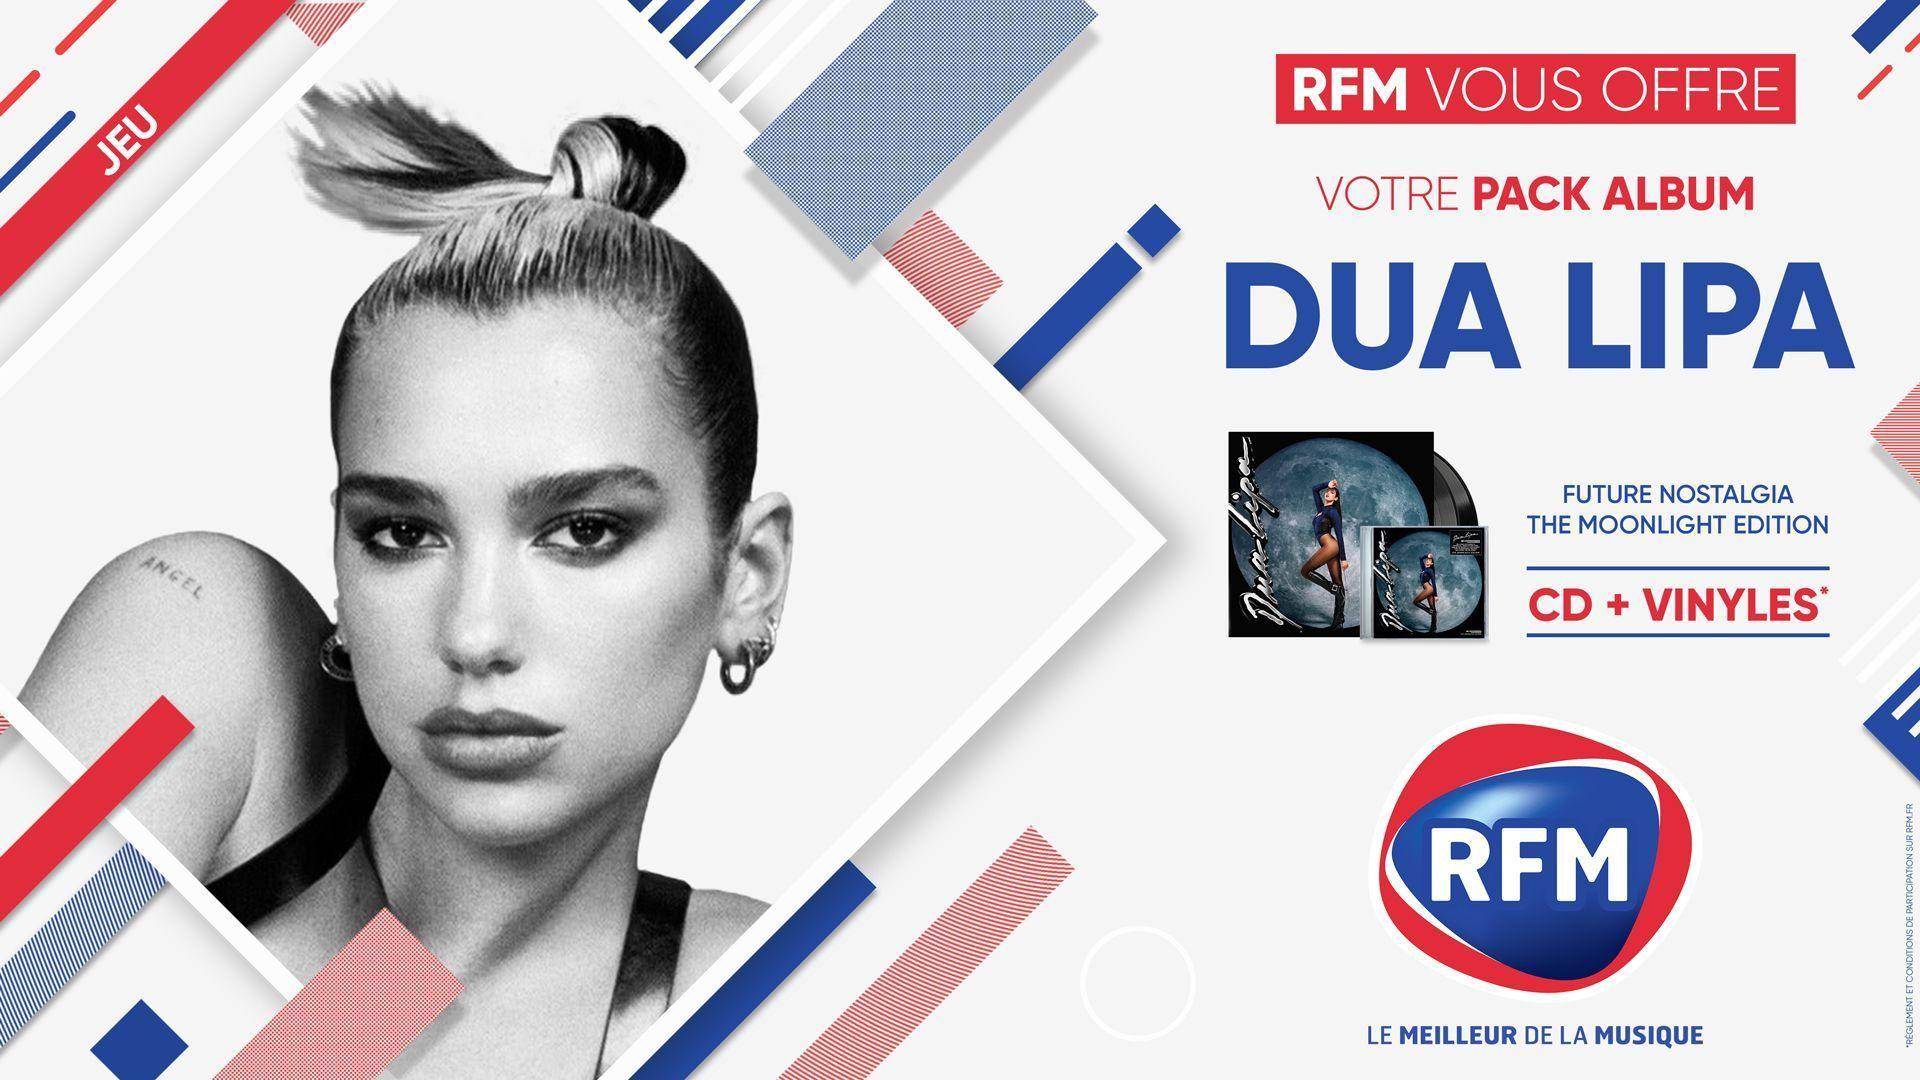 forum concours RFM-vous-offre-votre-pack-album-Dua-Lipa